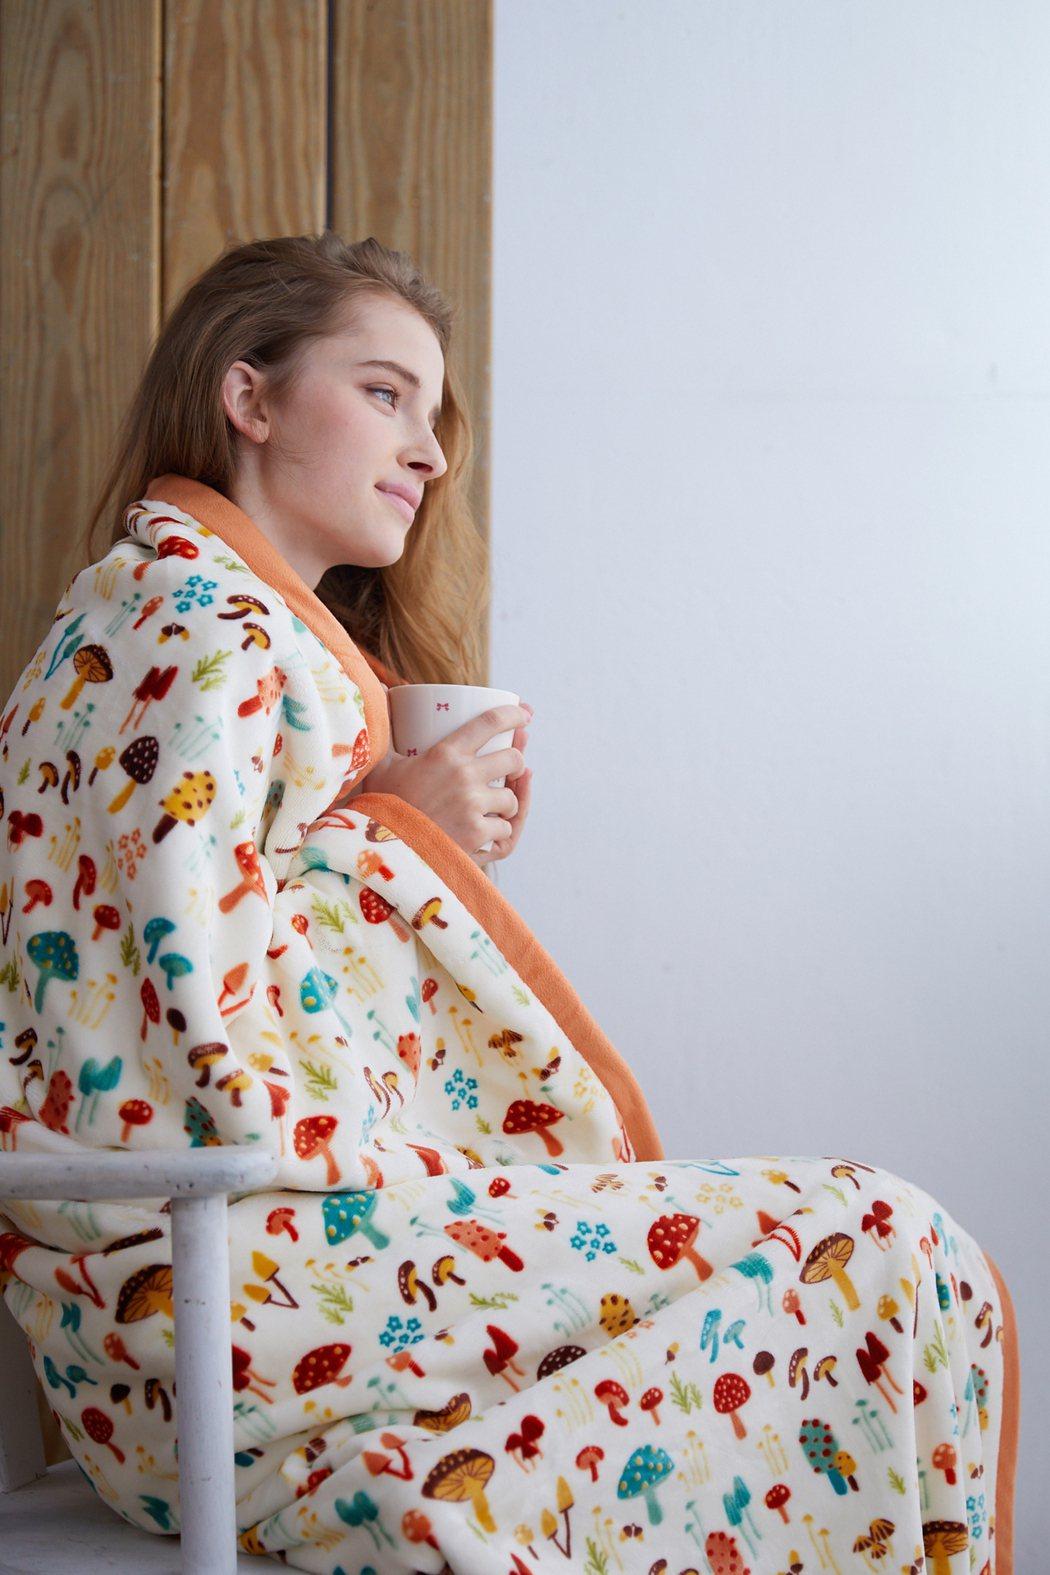 La mode寢飾菇菇雲柔毯。圖/La mode提供